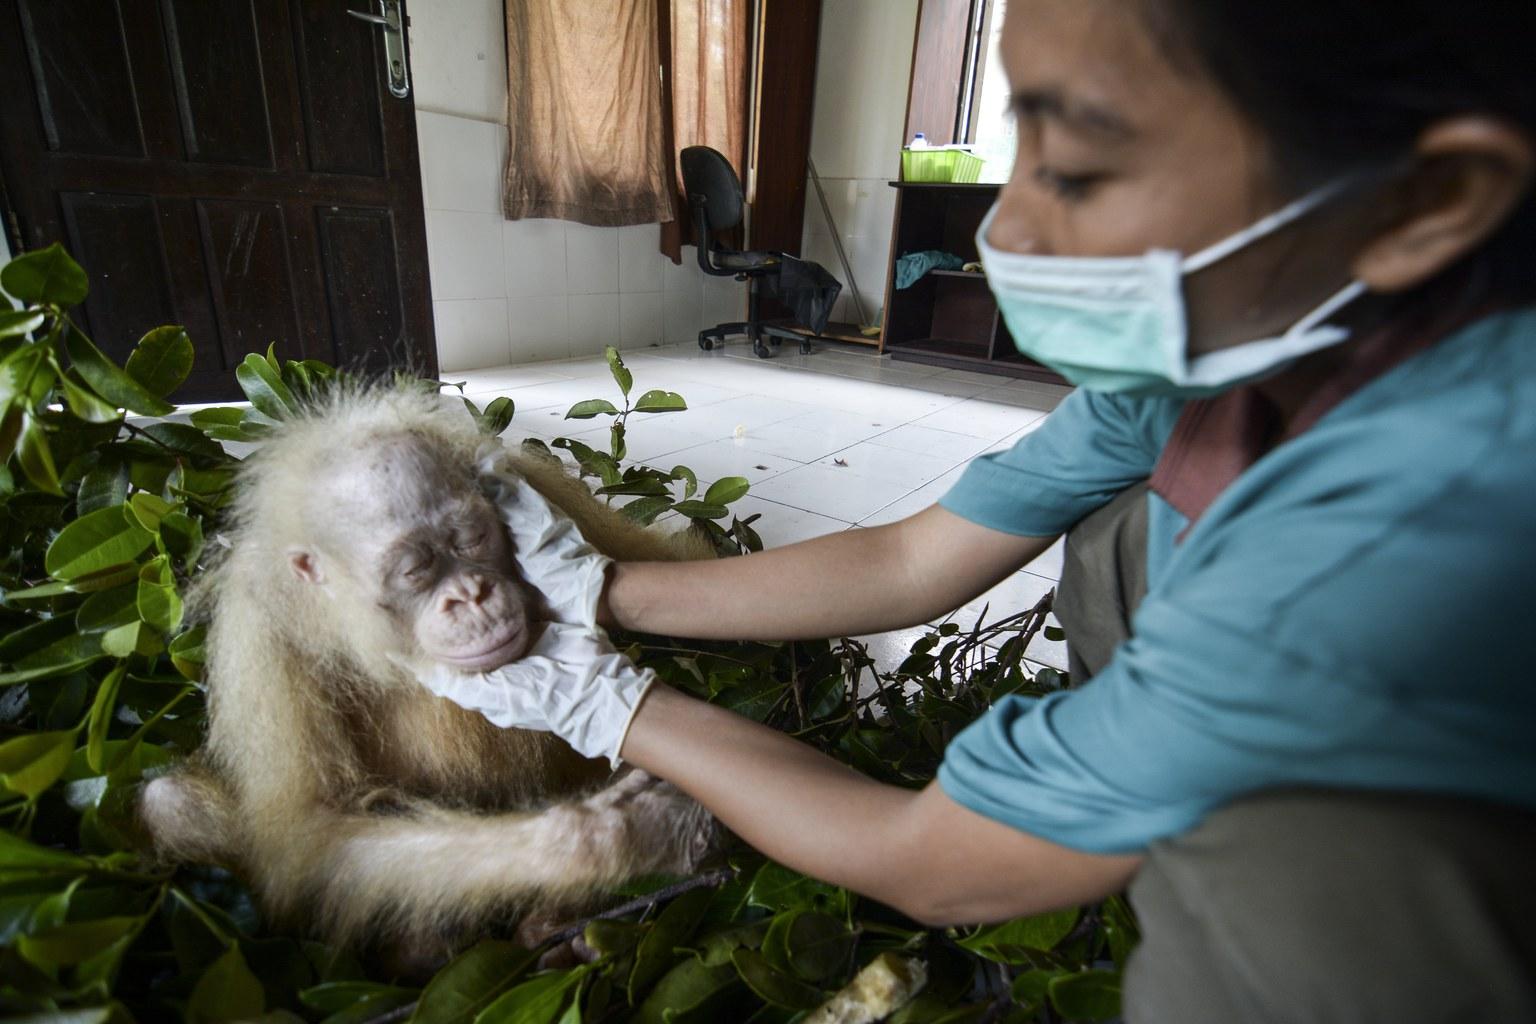 Az alapítvány által május 10-én közreadott képen egy gondozó vizsgálja az albínó orangutánt a rehabilitációs központban. (Fotó: EPA/Indrayana/BOSF)